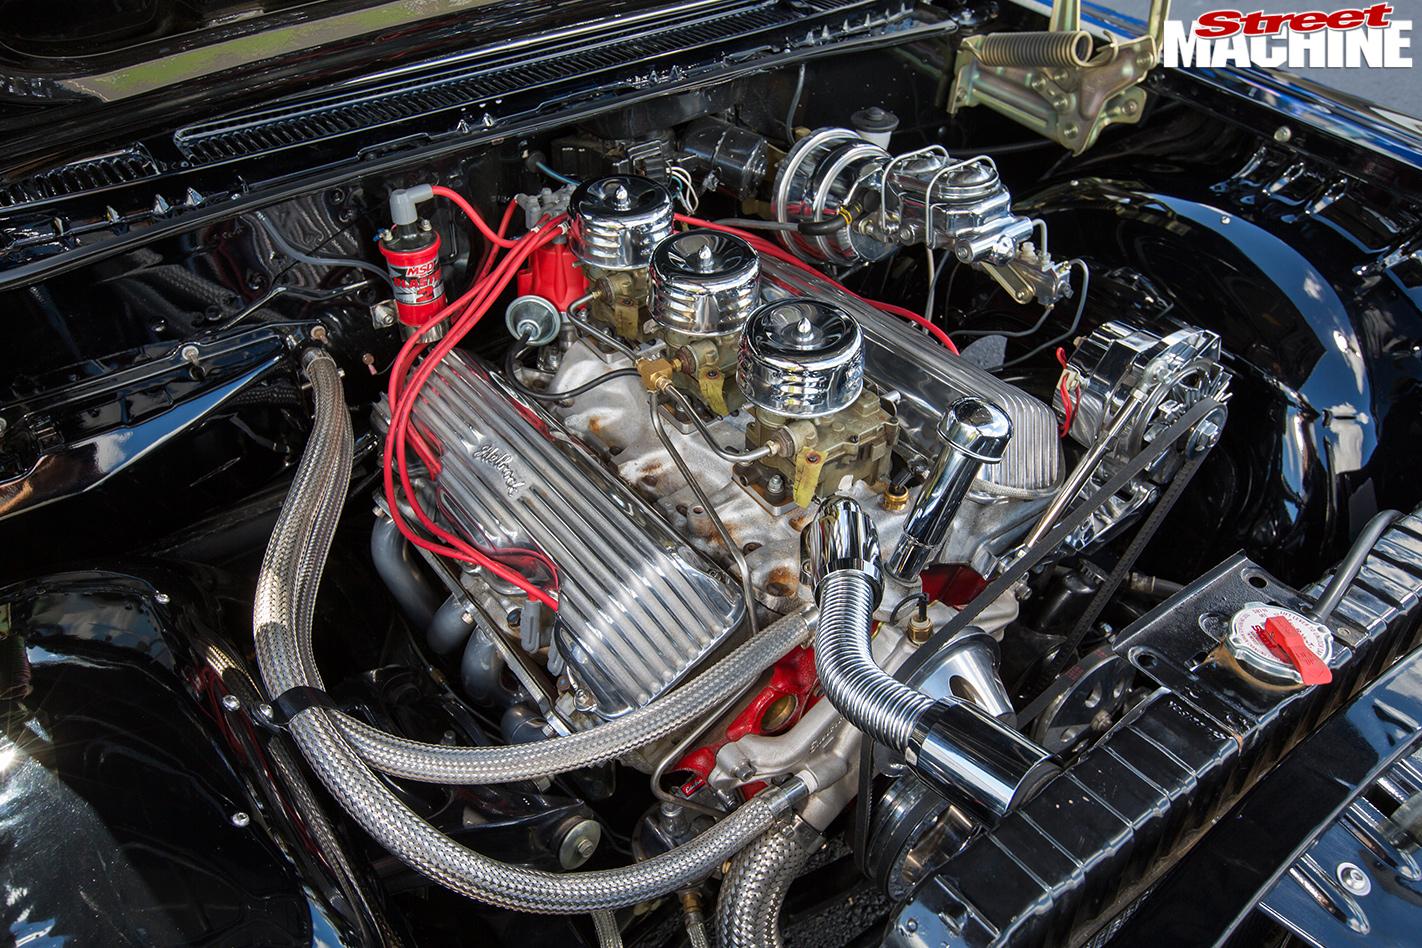 Chevrolet -impala -engine -bay